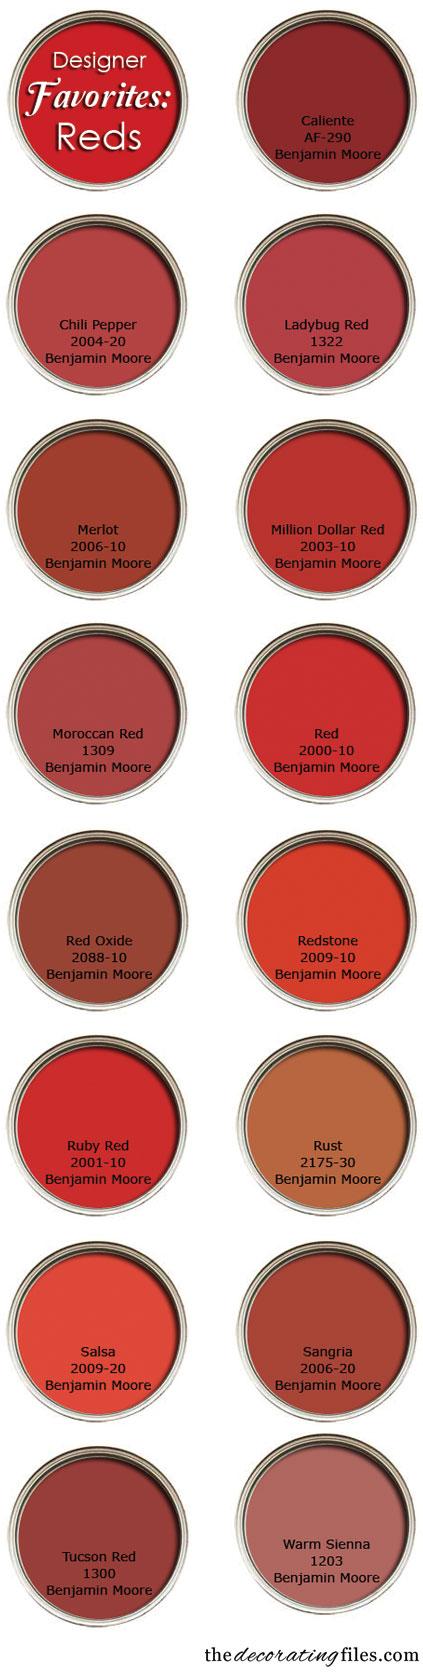 Κόκκινα χρωμάτα βαφής τοίχου τα αγαπημένα των σχεδιαστών